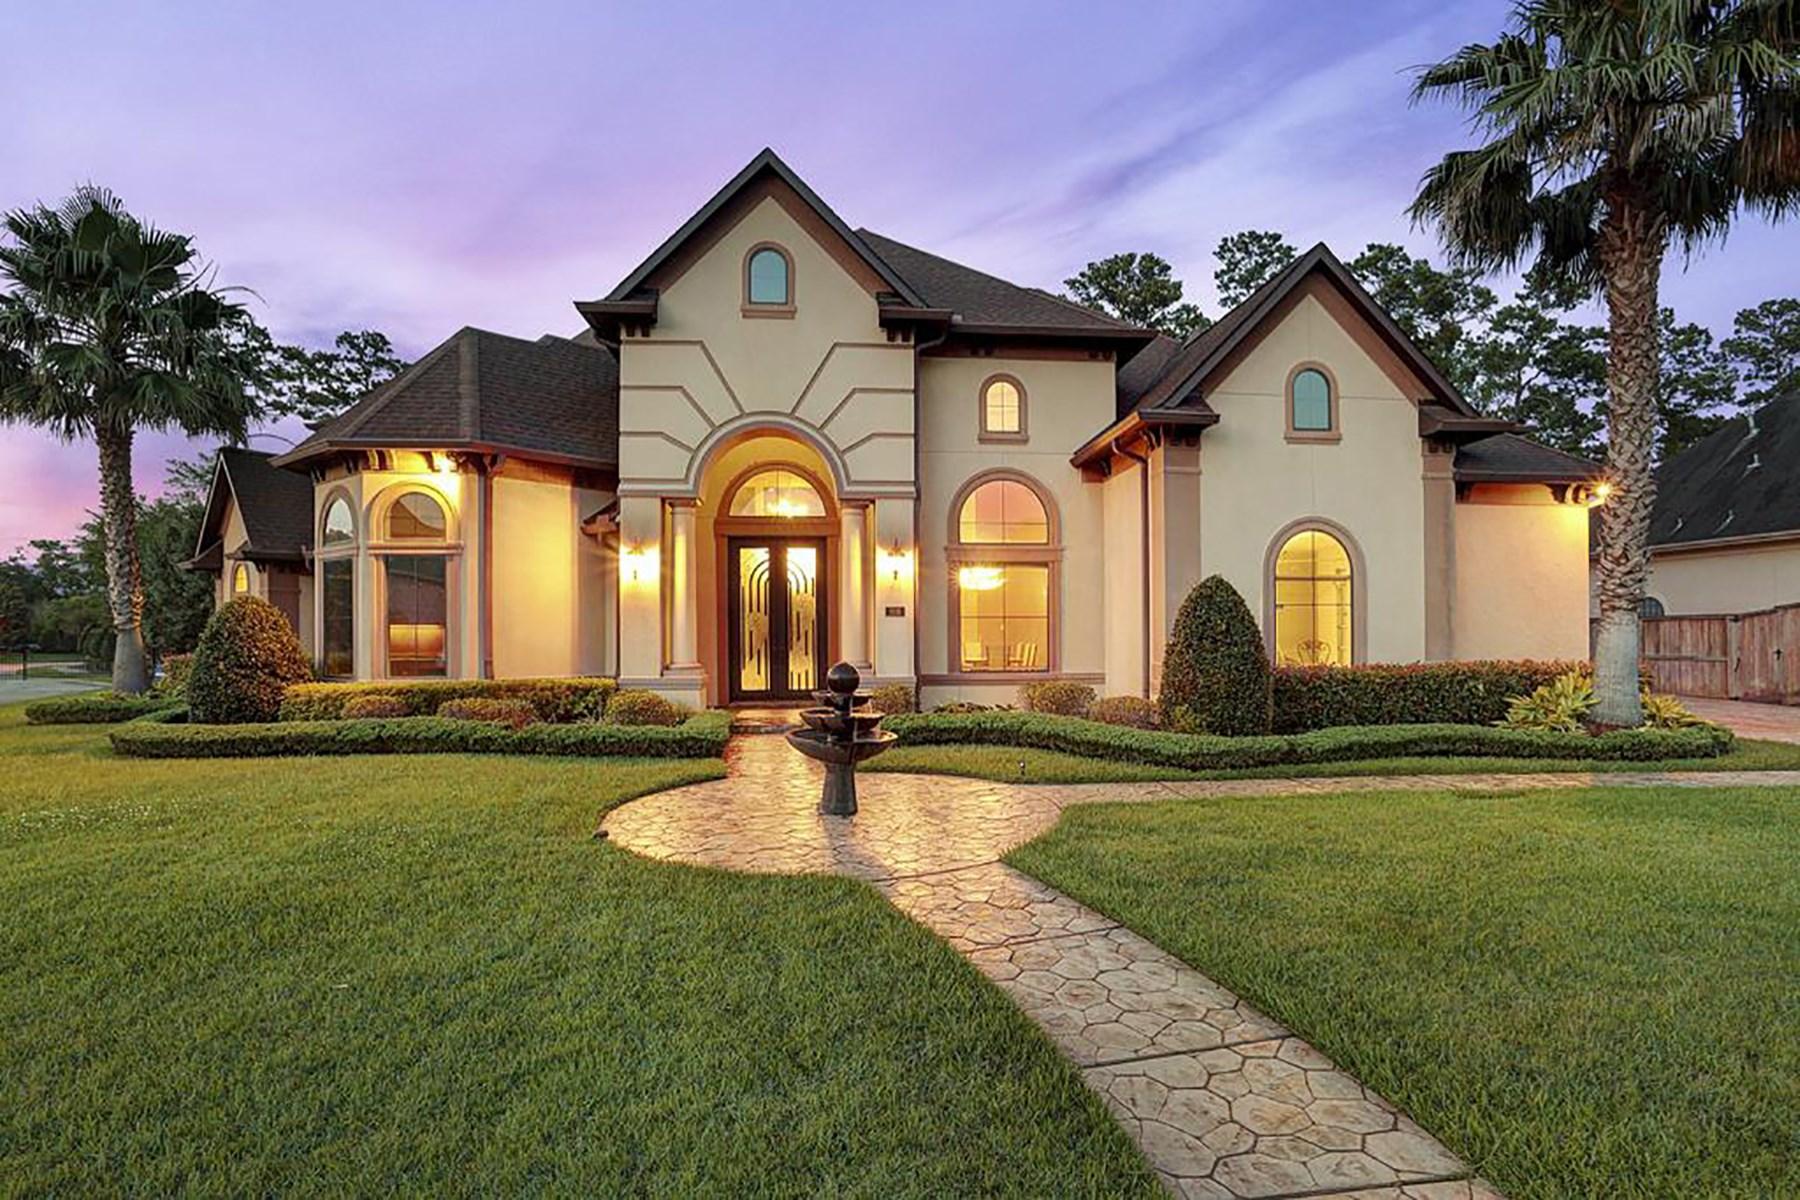 Maison unifamiliale pour l Vente à 806 Shady Bend Lane Friendswood, Texas 77546 États-Unis